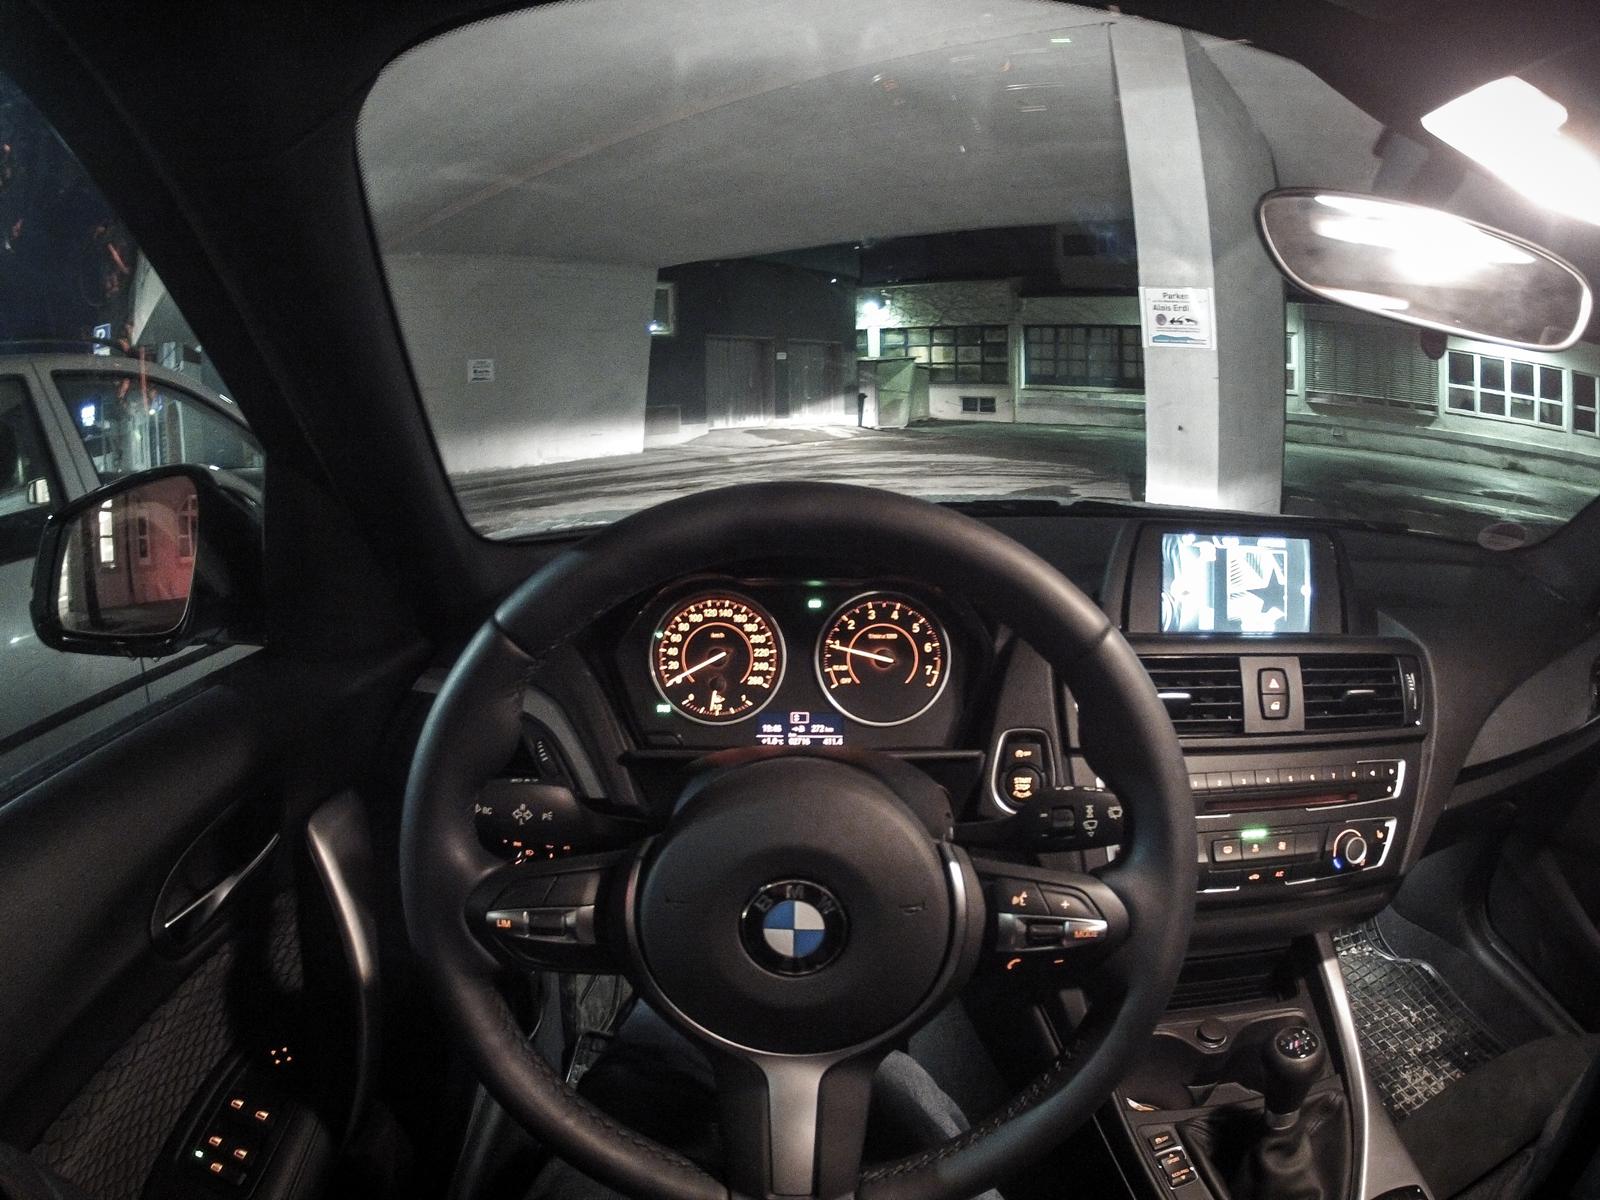 40+ Gambar Setir Mobil Mewah HD Terbaik